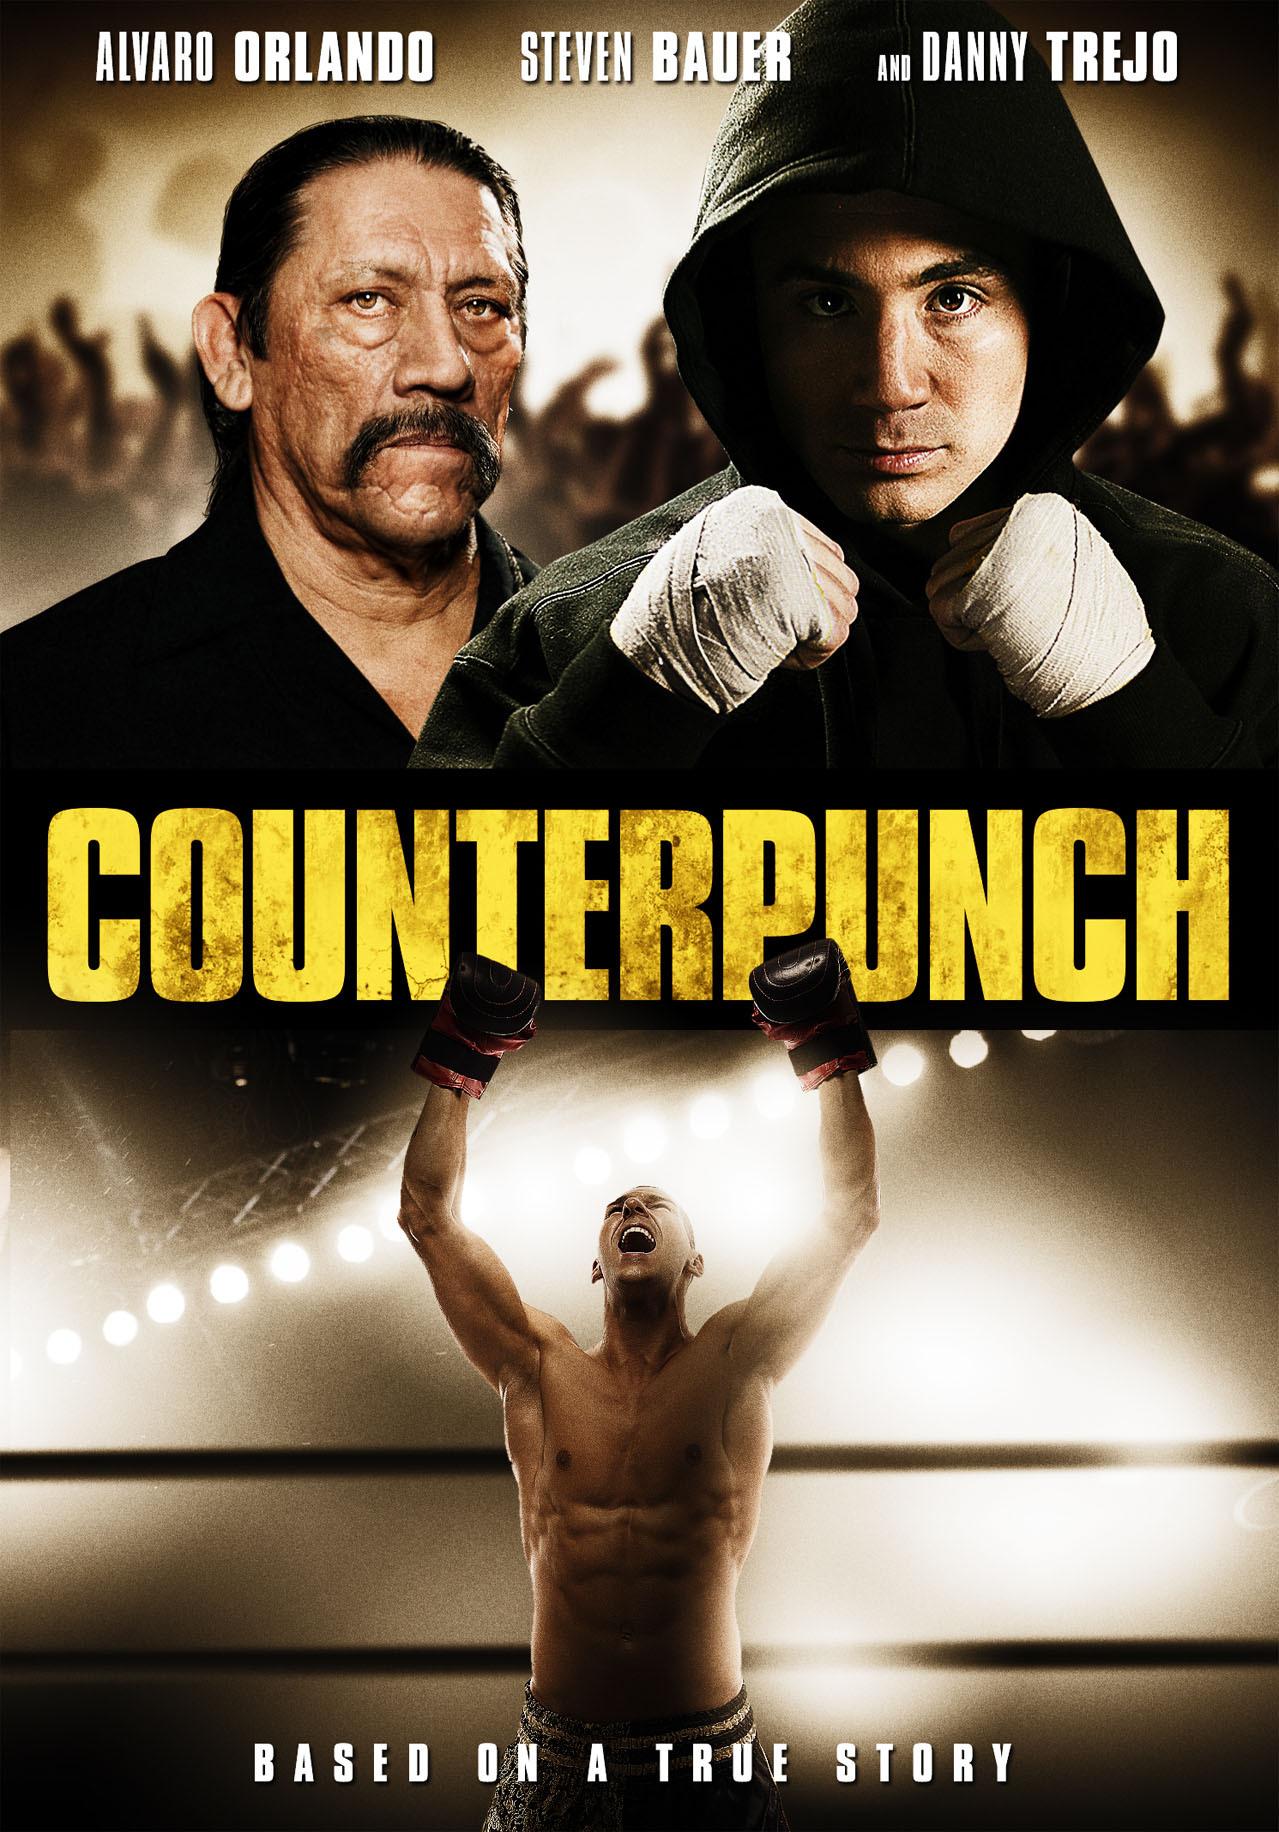 دانلود زیرنویس فارسی فیلم Counterpunch